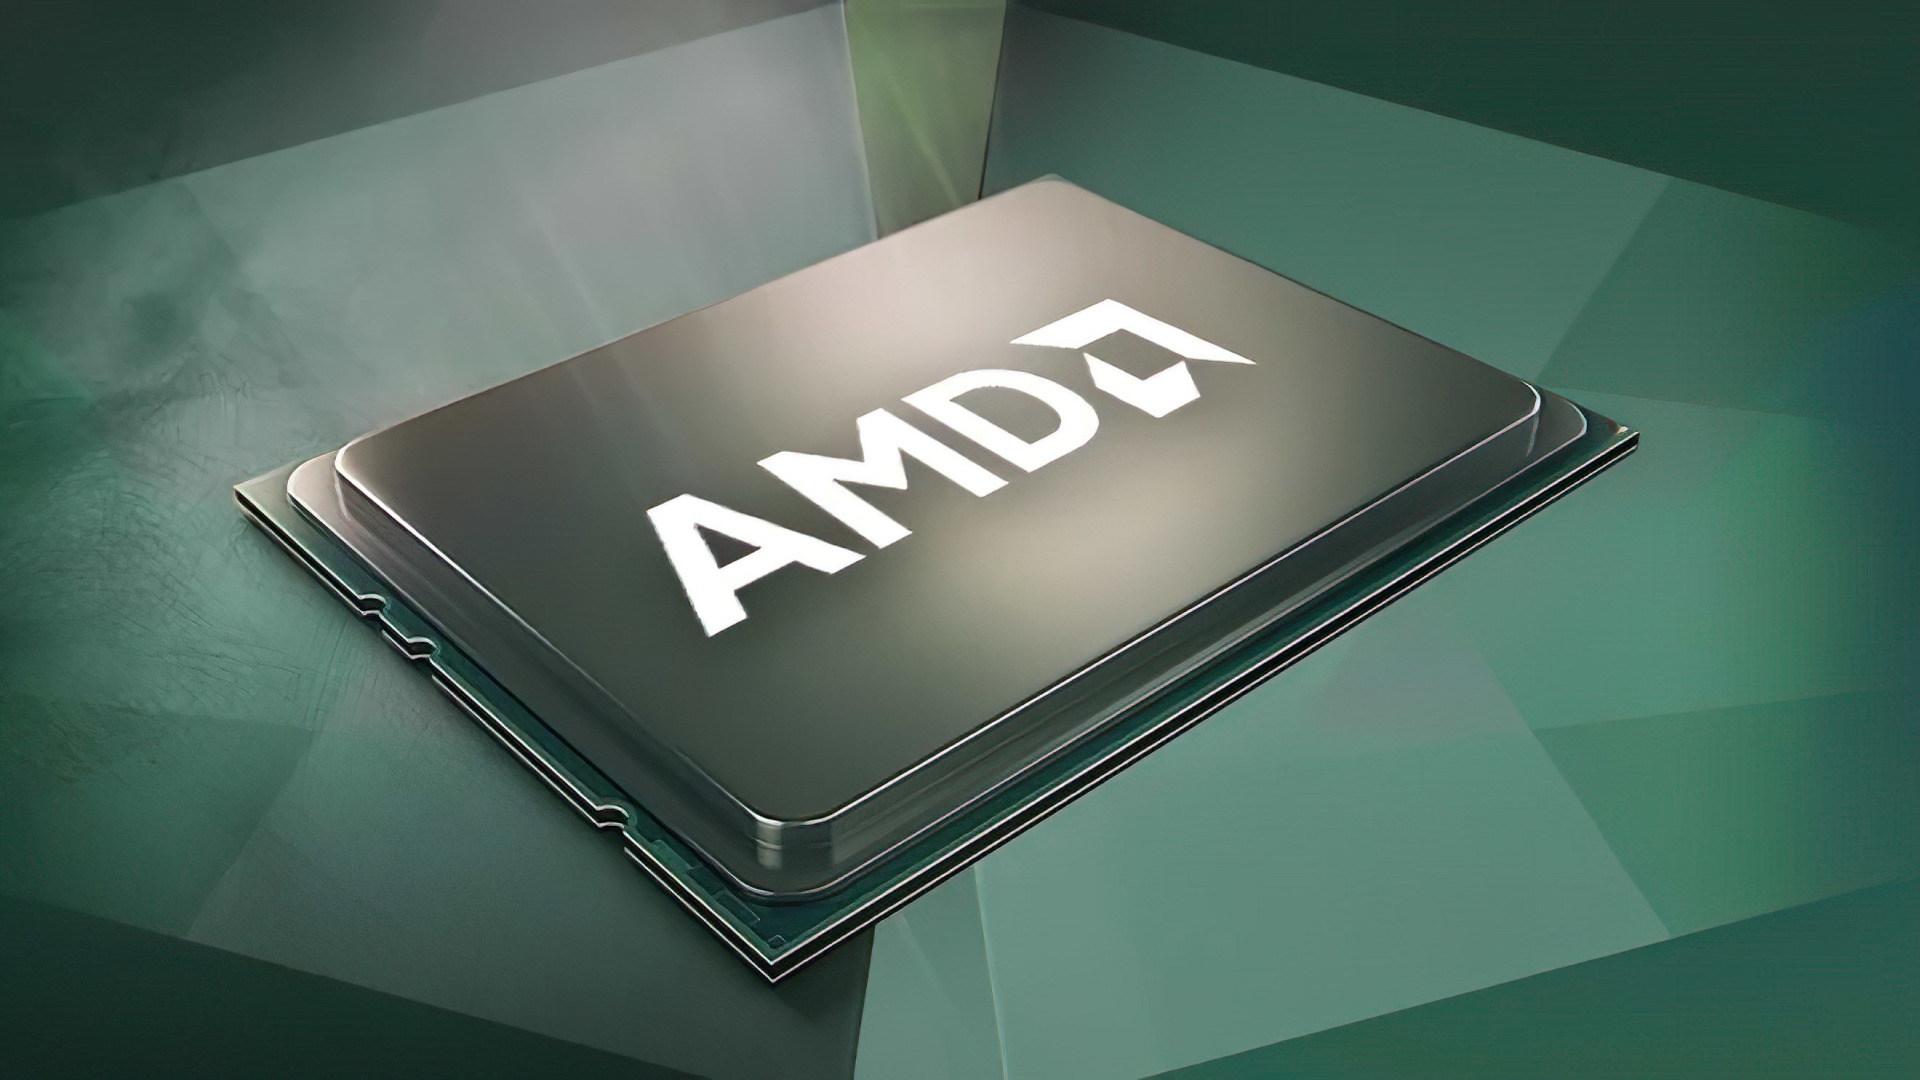 Prozessor, Logo, Cpu, Chip, Amd, Prozessoren